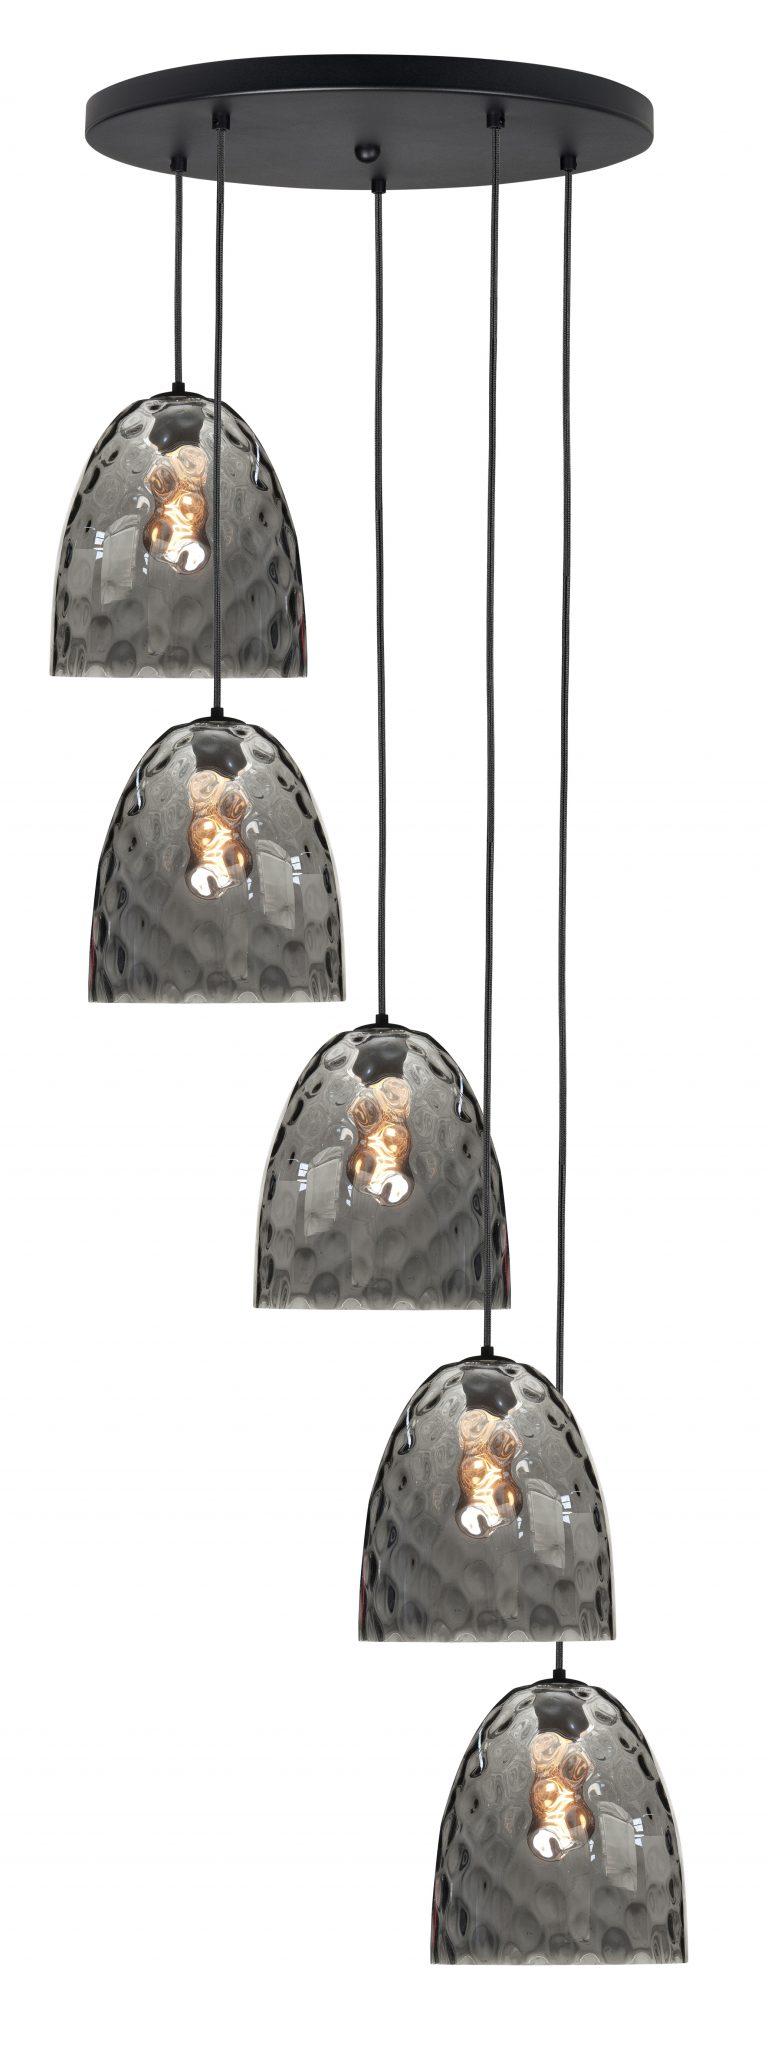 Hanglamp/vide lamp Bubbles 5-lichts